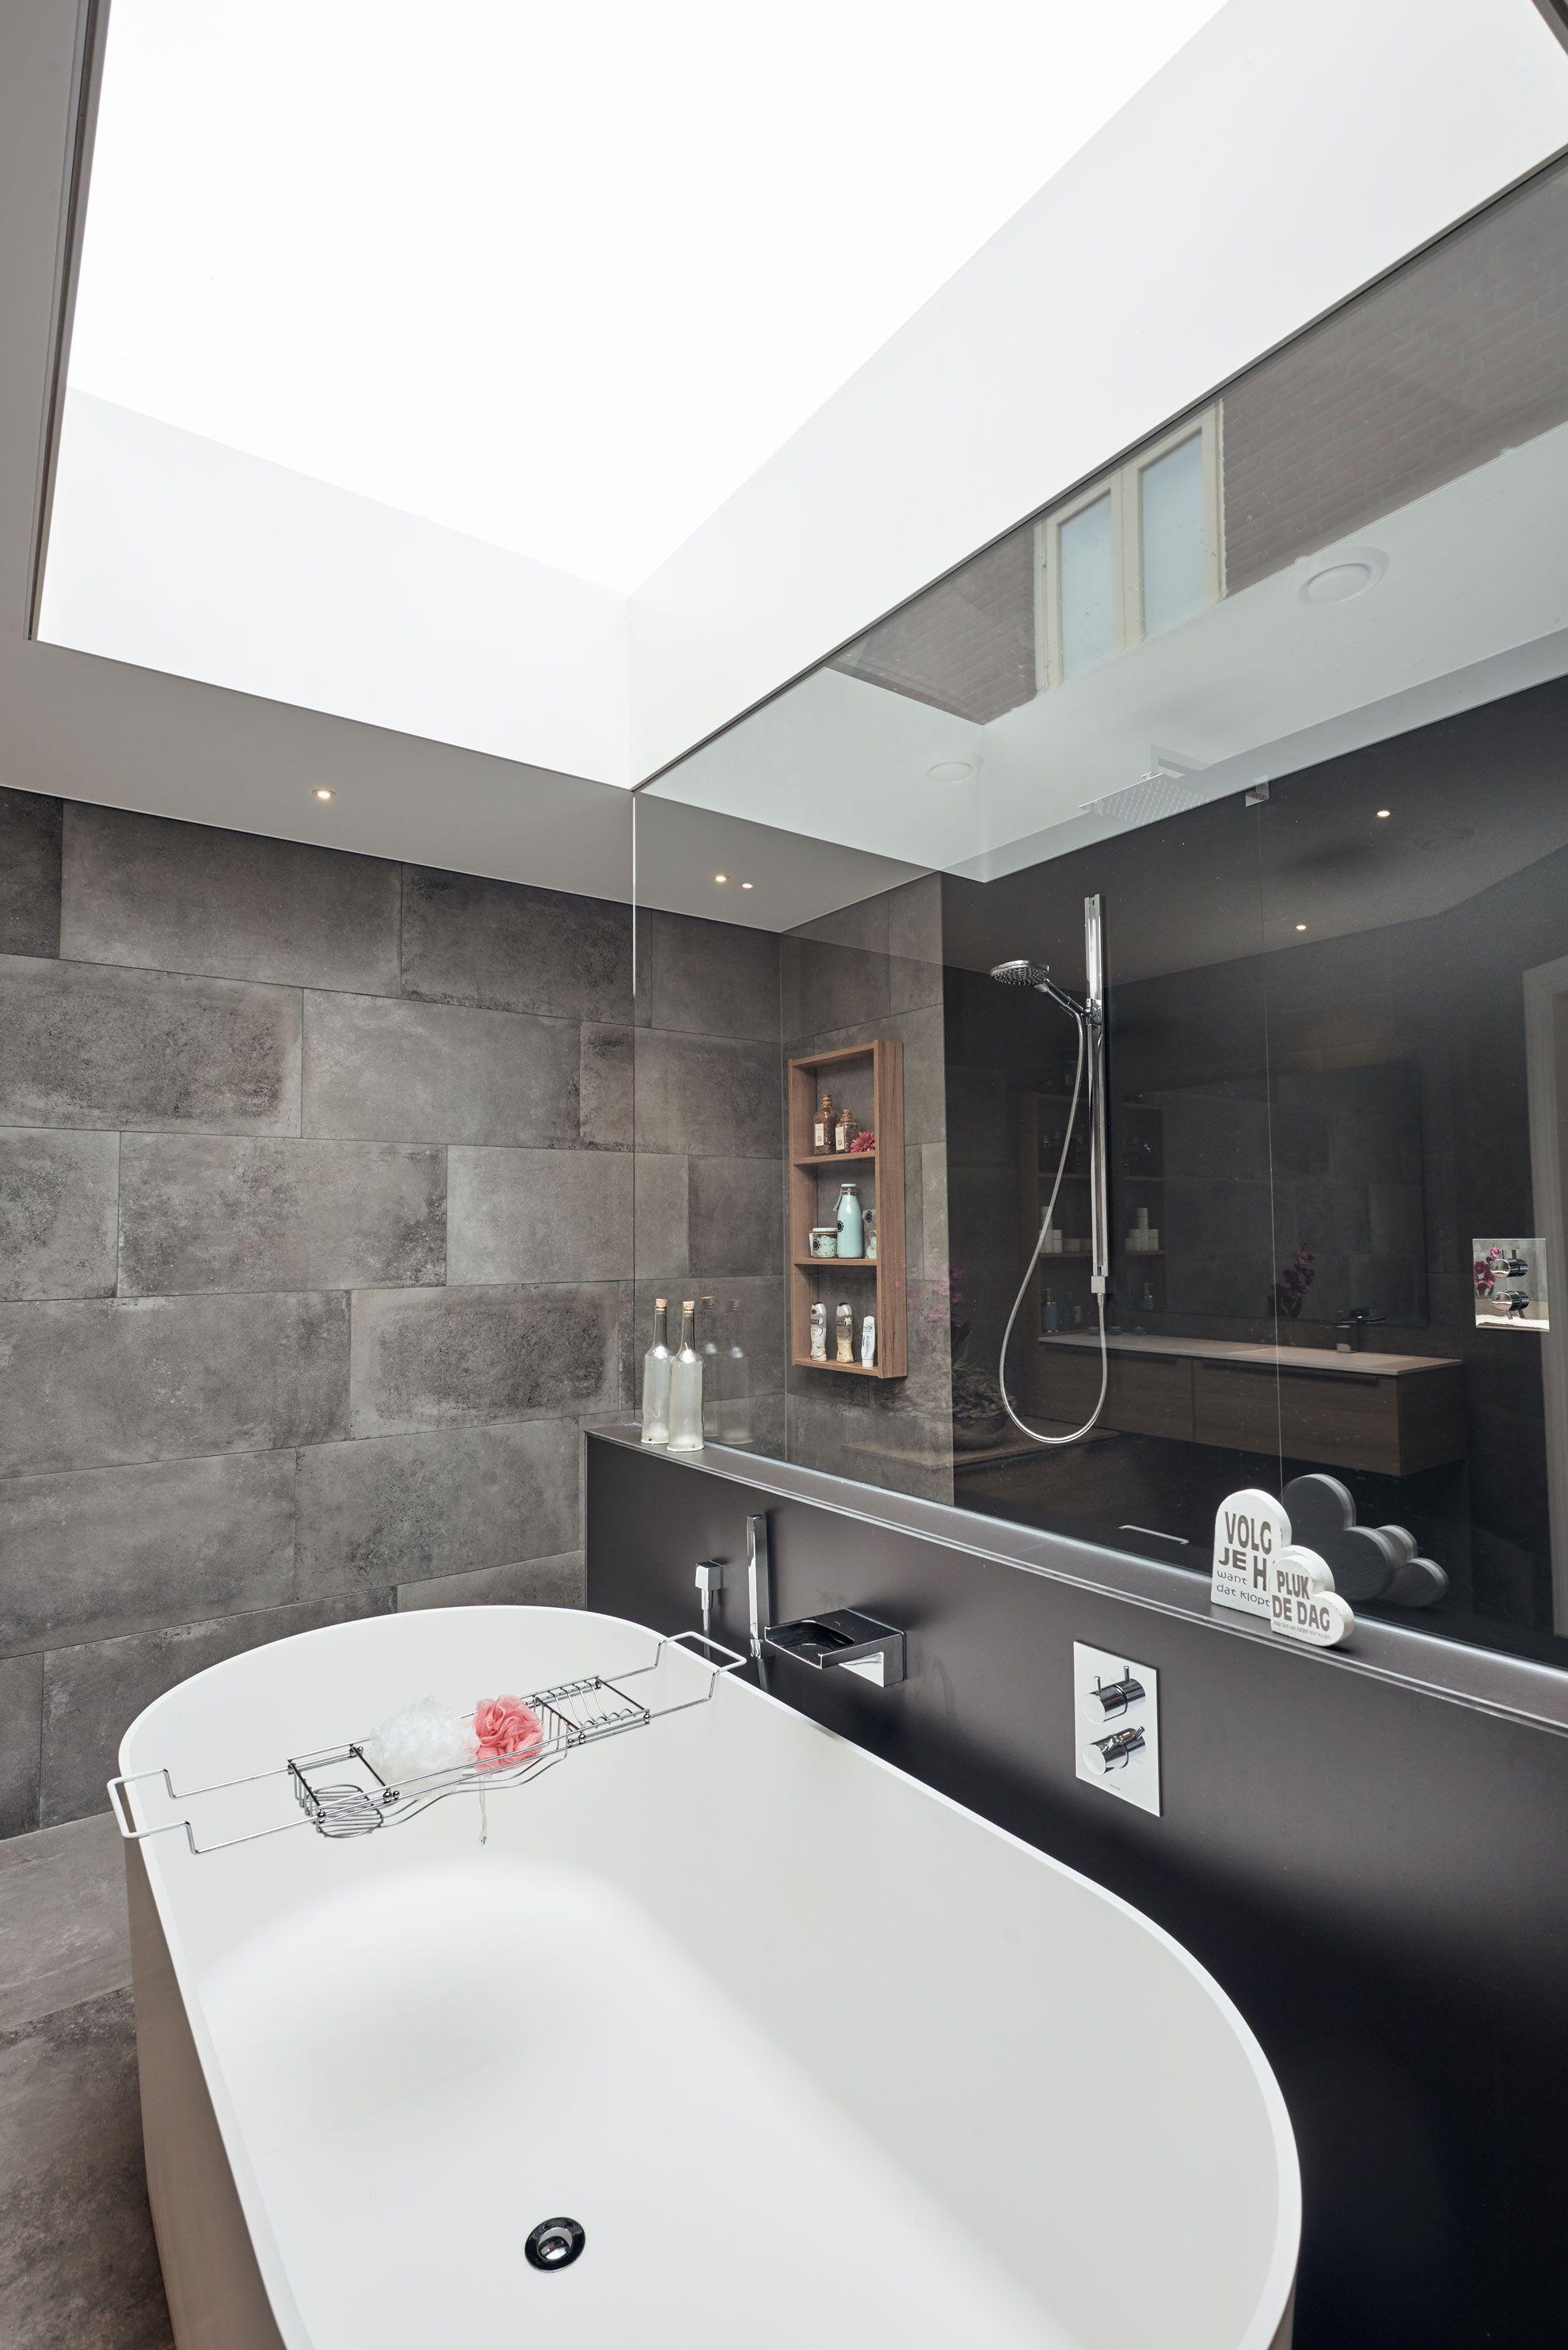 Badezimmer Decke Naturliche Beleuchtung Ideen Badezimmer